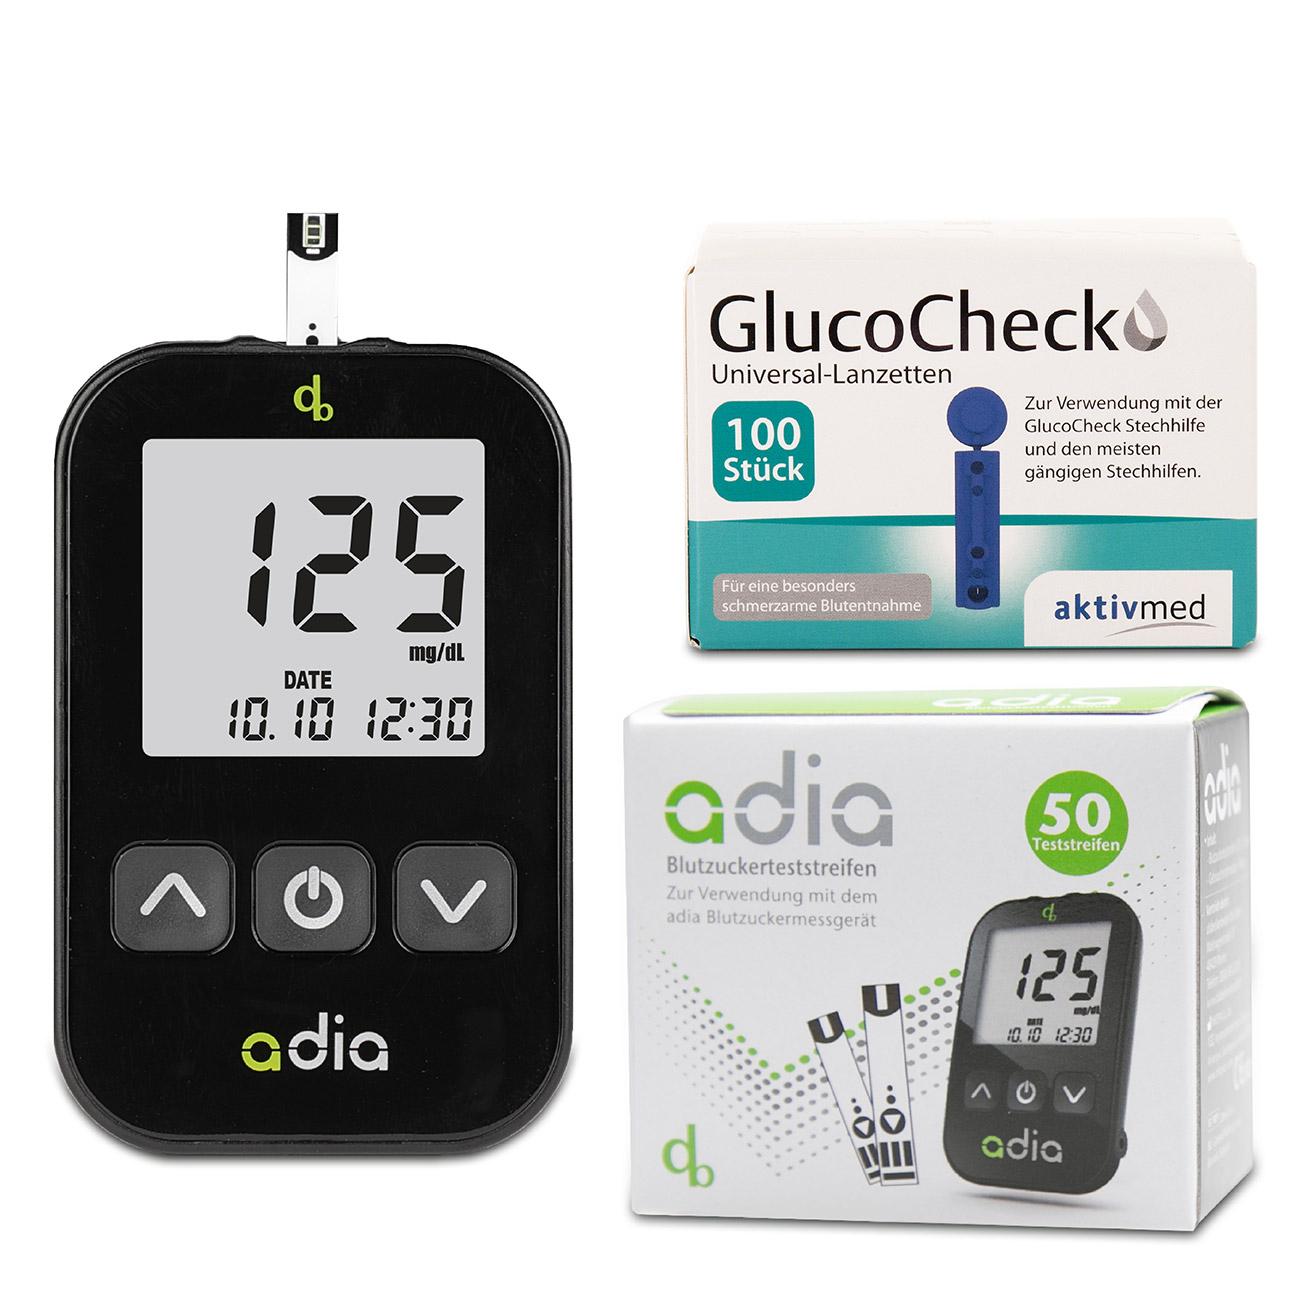 adia Blutzuckermessgerät + 60 Blutzuckerteststreifen + 110 Lanzetten